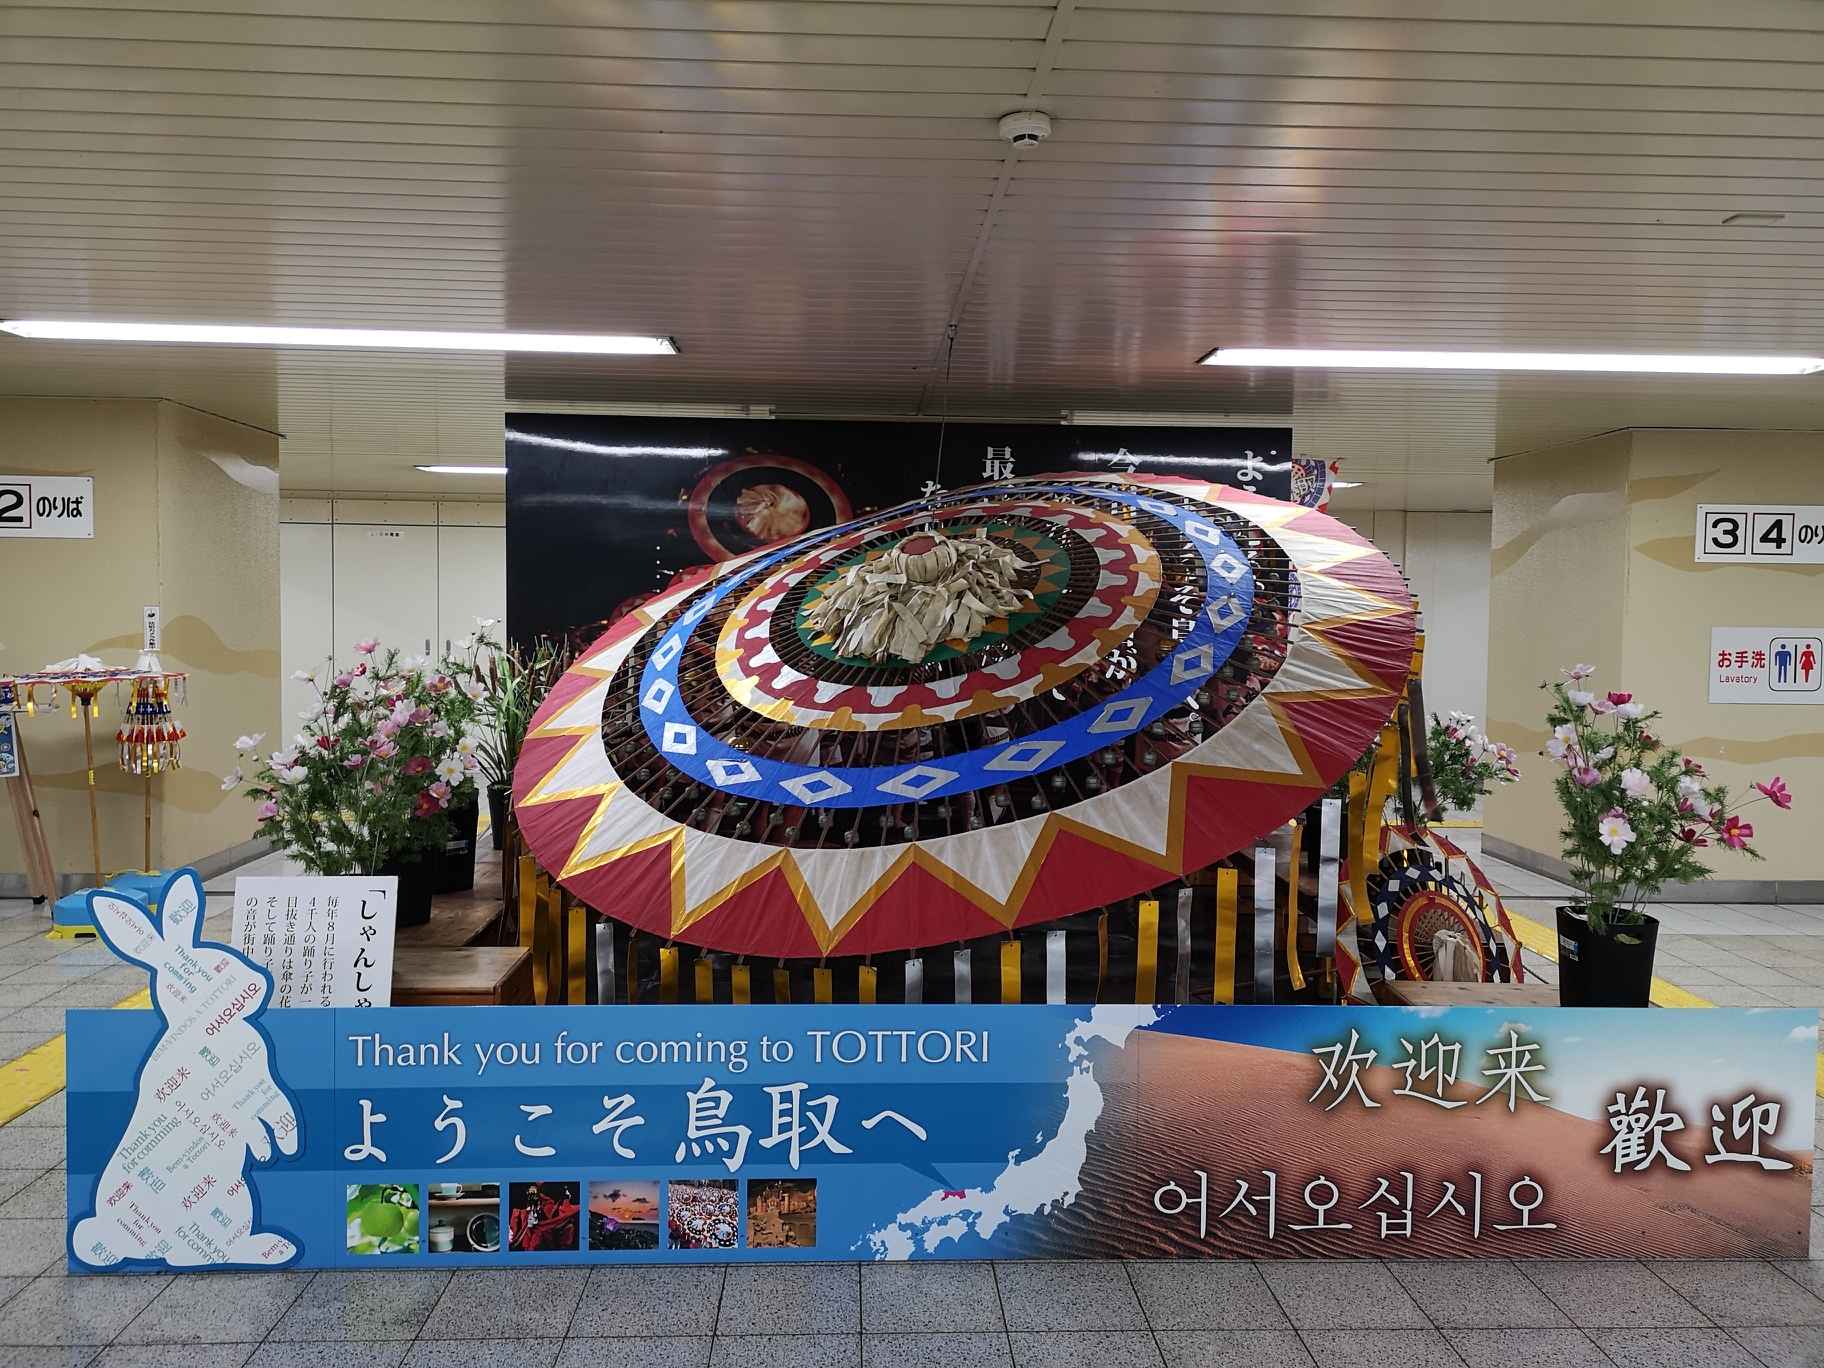 朝圣柯南,动漫迷日本11天自由行流水账(DAY5 7月28日)(下)~~花火大会的完美错过~~_游记